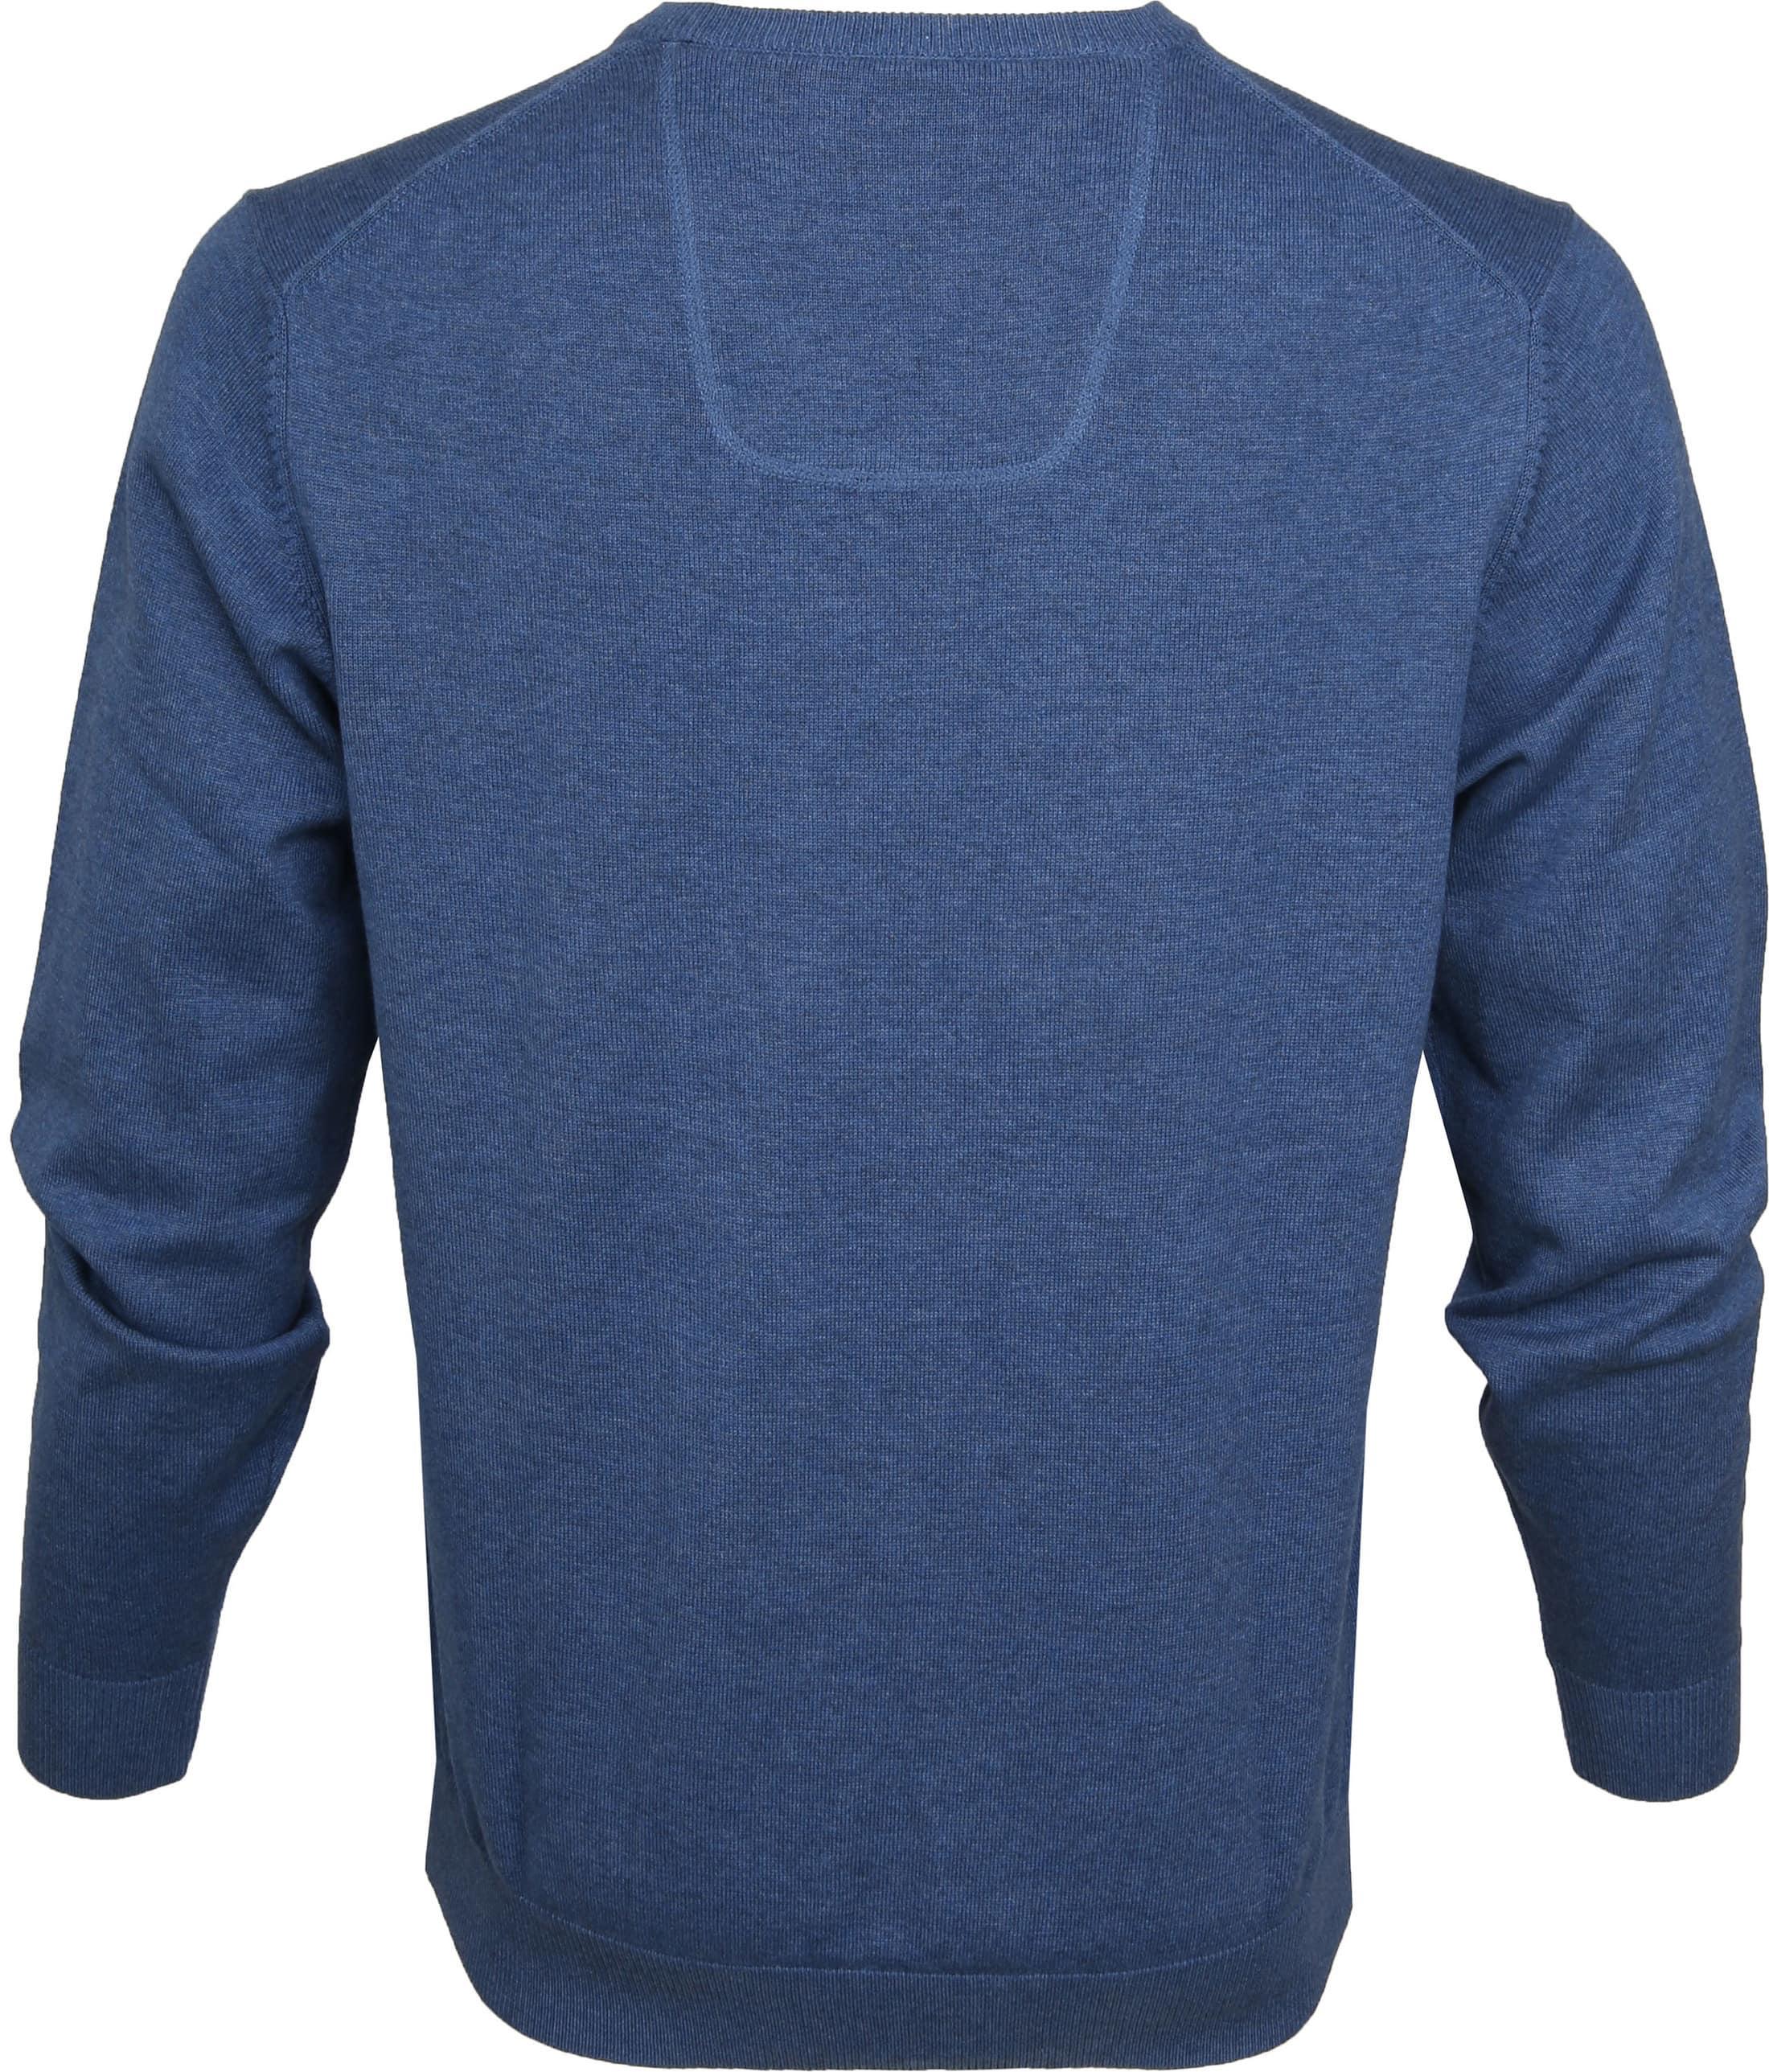 Casa Moda Pullover Blauw foto 3